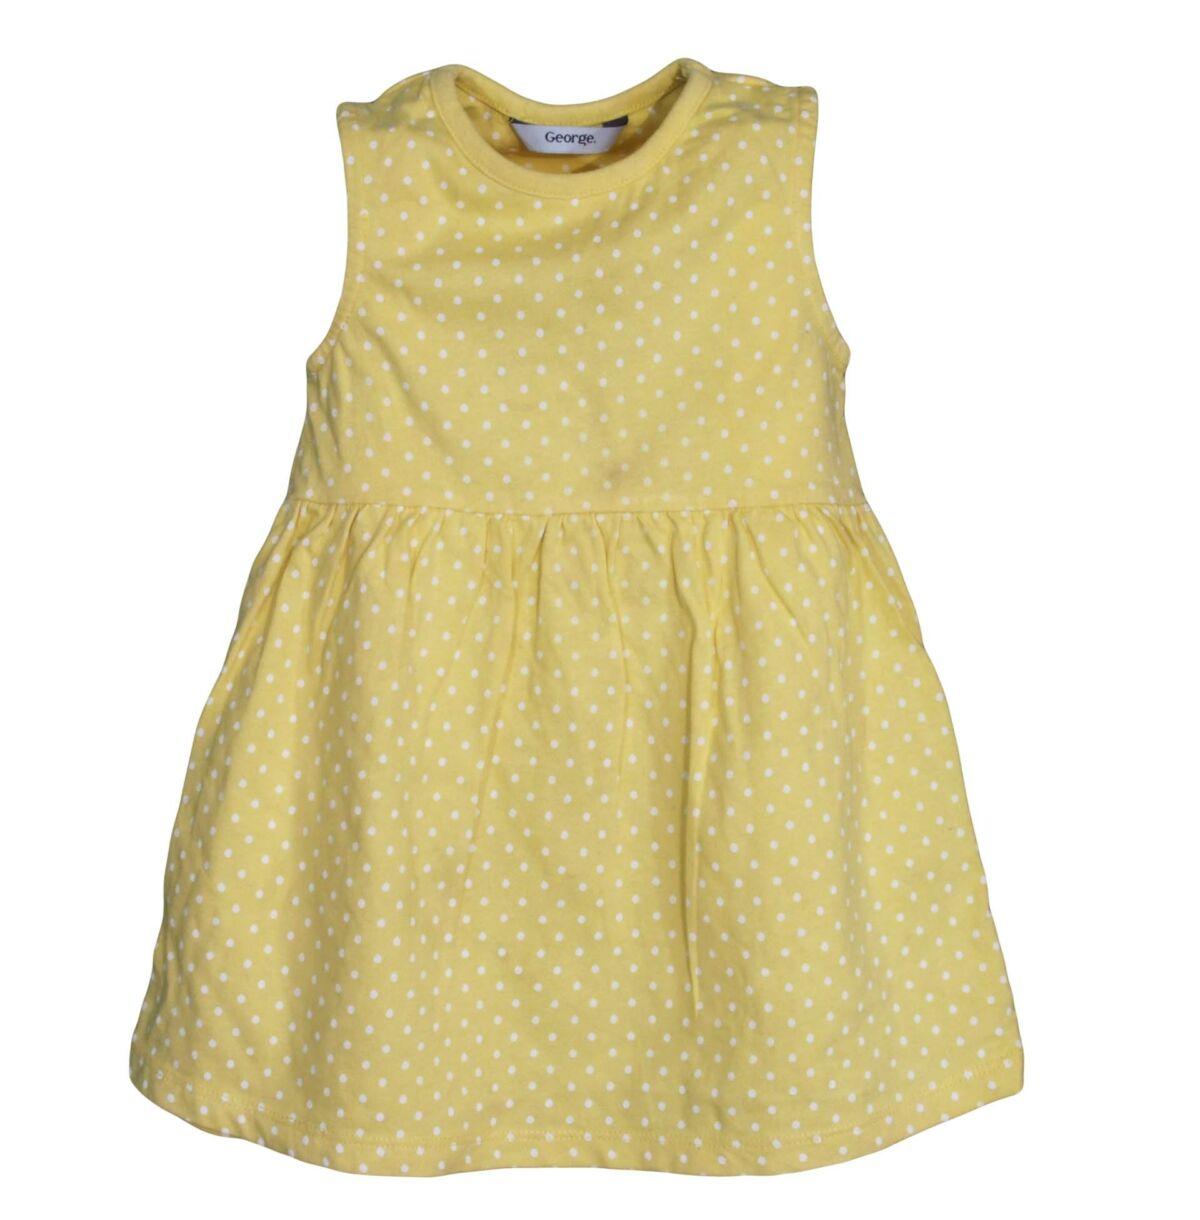 0f22903e539e Sárga pöttyös ruha (1- 1,5 év). Gyártó: George